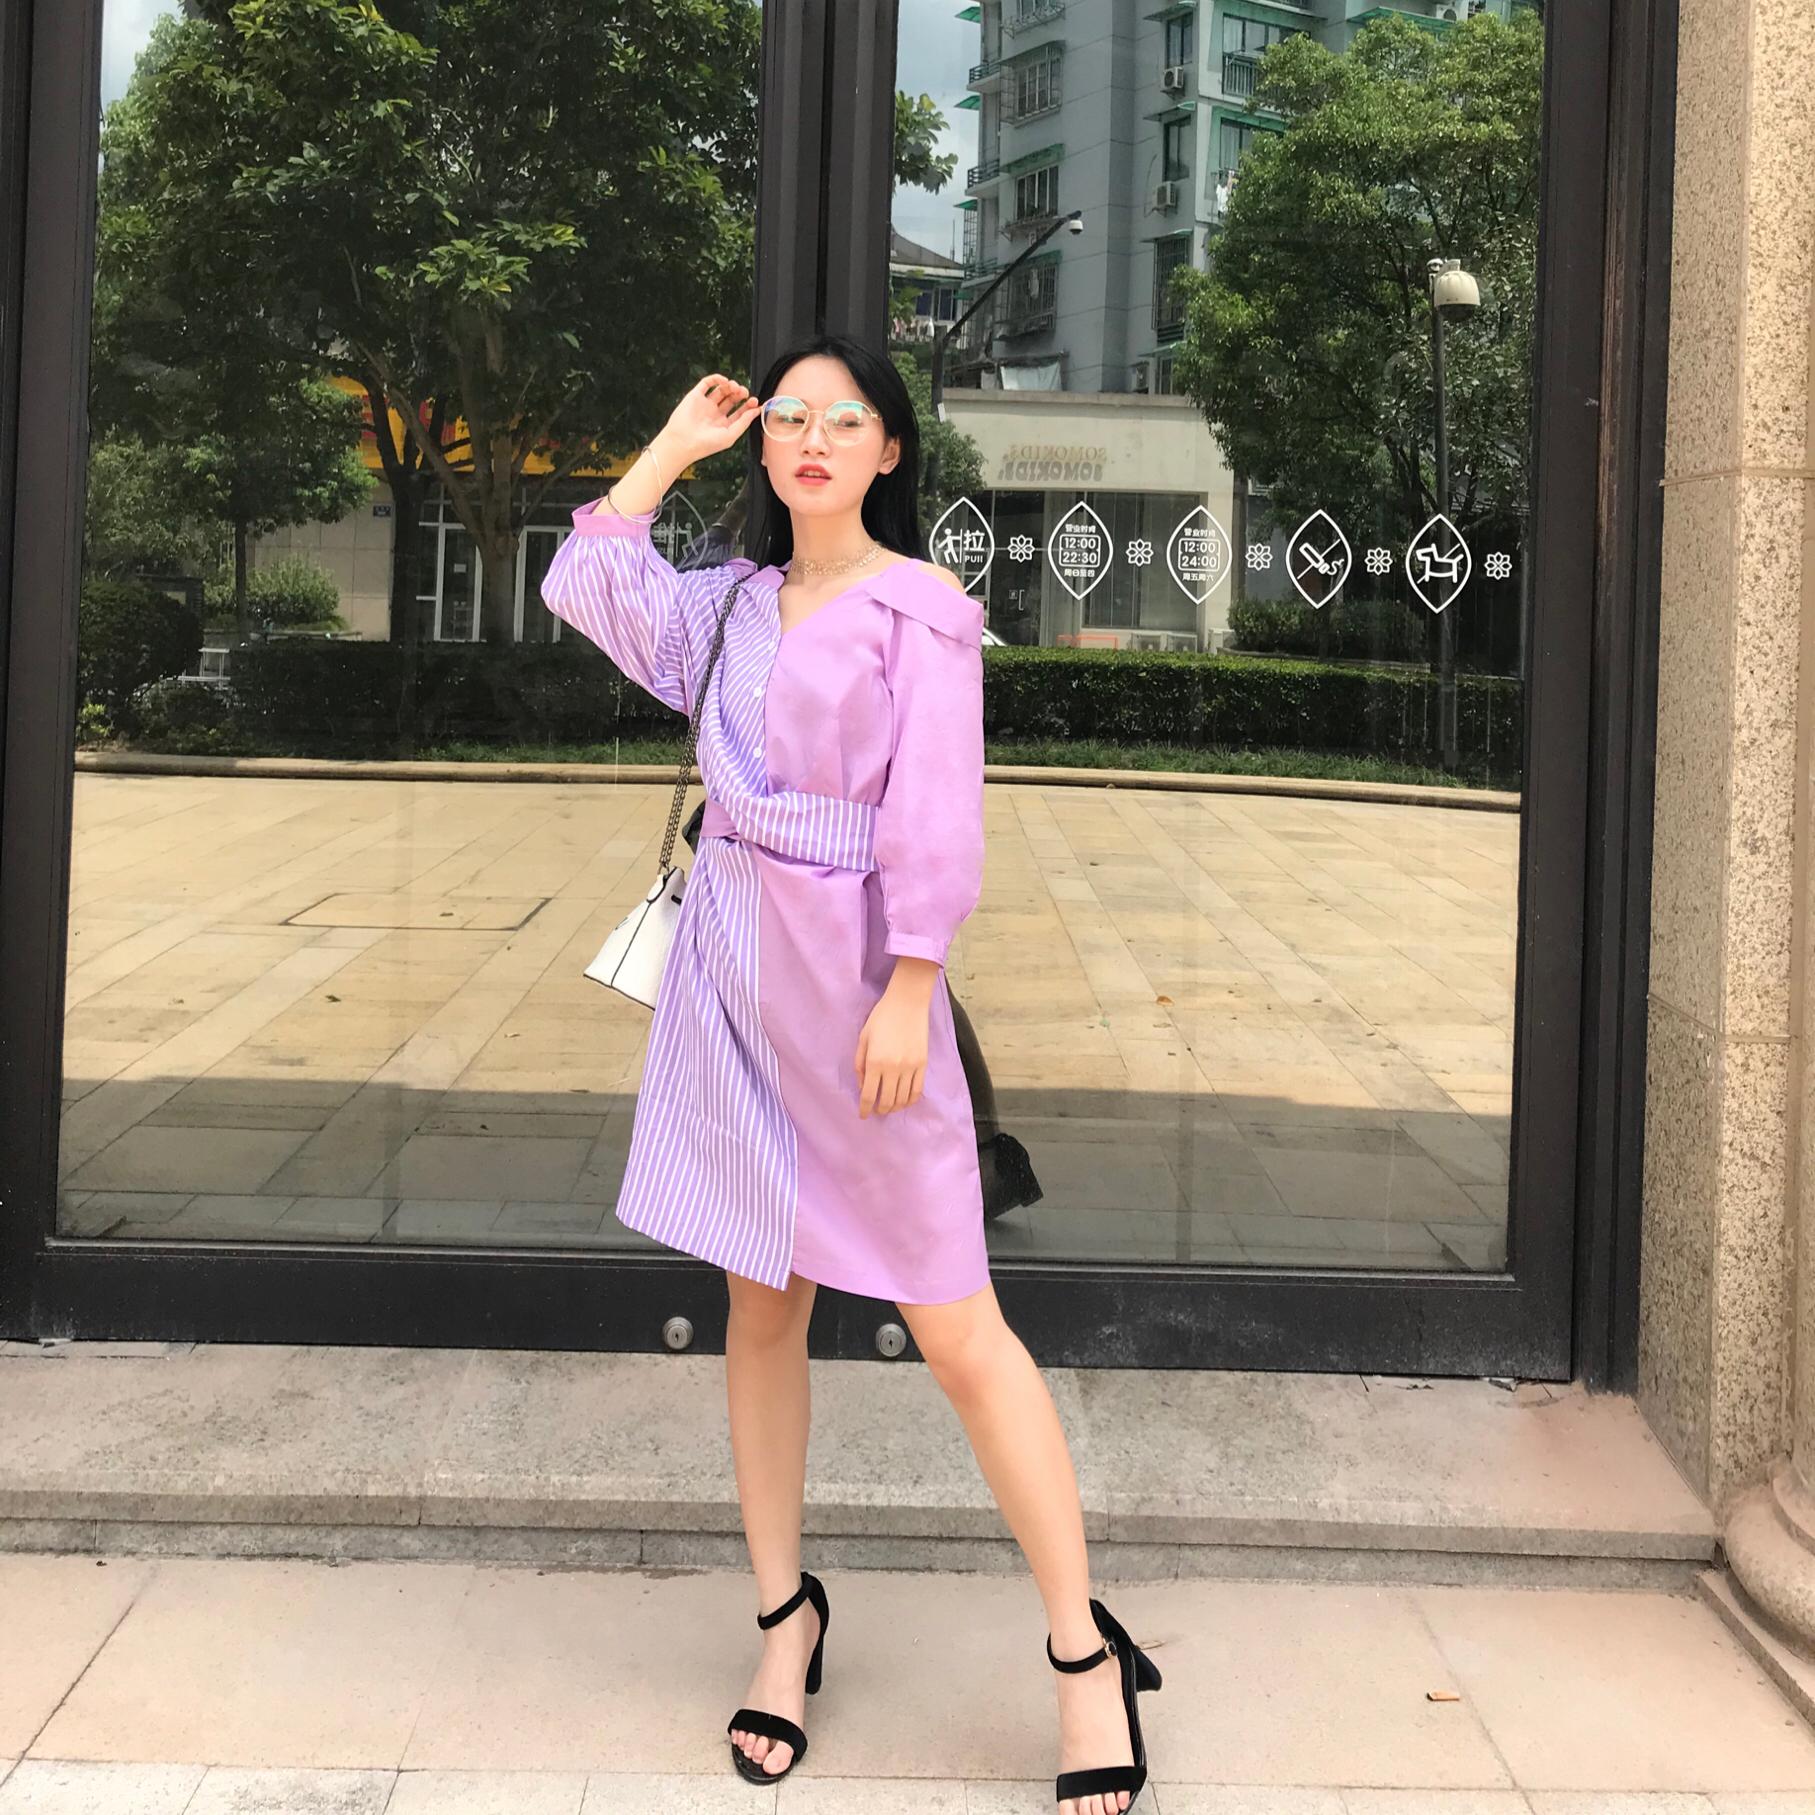 #夏日梨形身材急救方案# 紫色款也是夏天必入款 今日分享一条比较有设计感的一条裙子 衬衫条纹的拼接 加上不是完全漏肩的设计 胖mm完全可以入手哦~